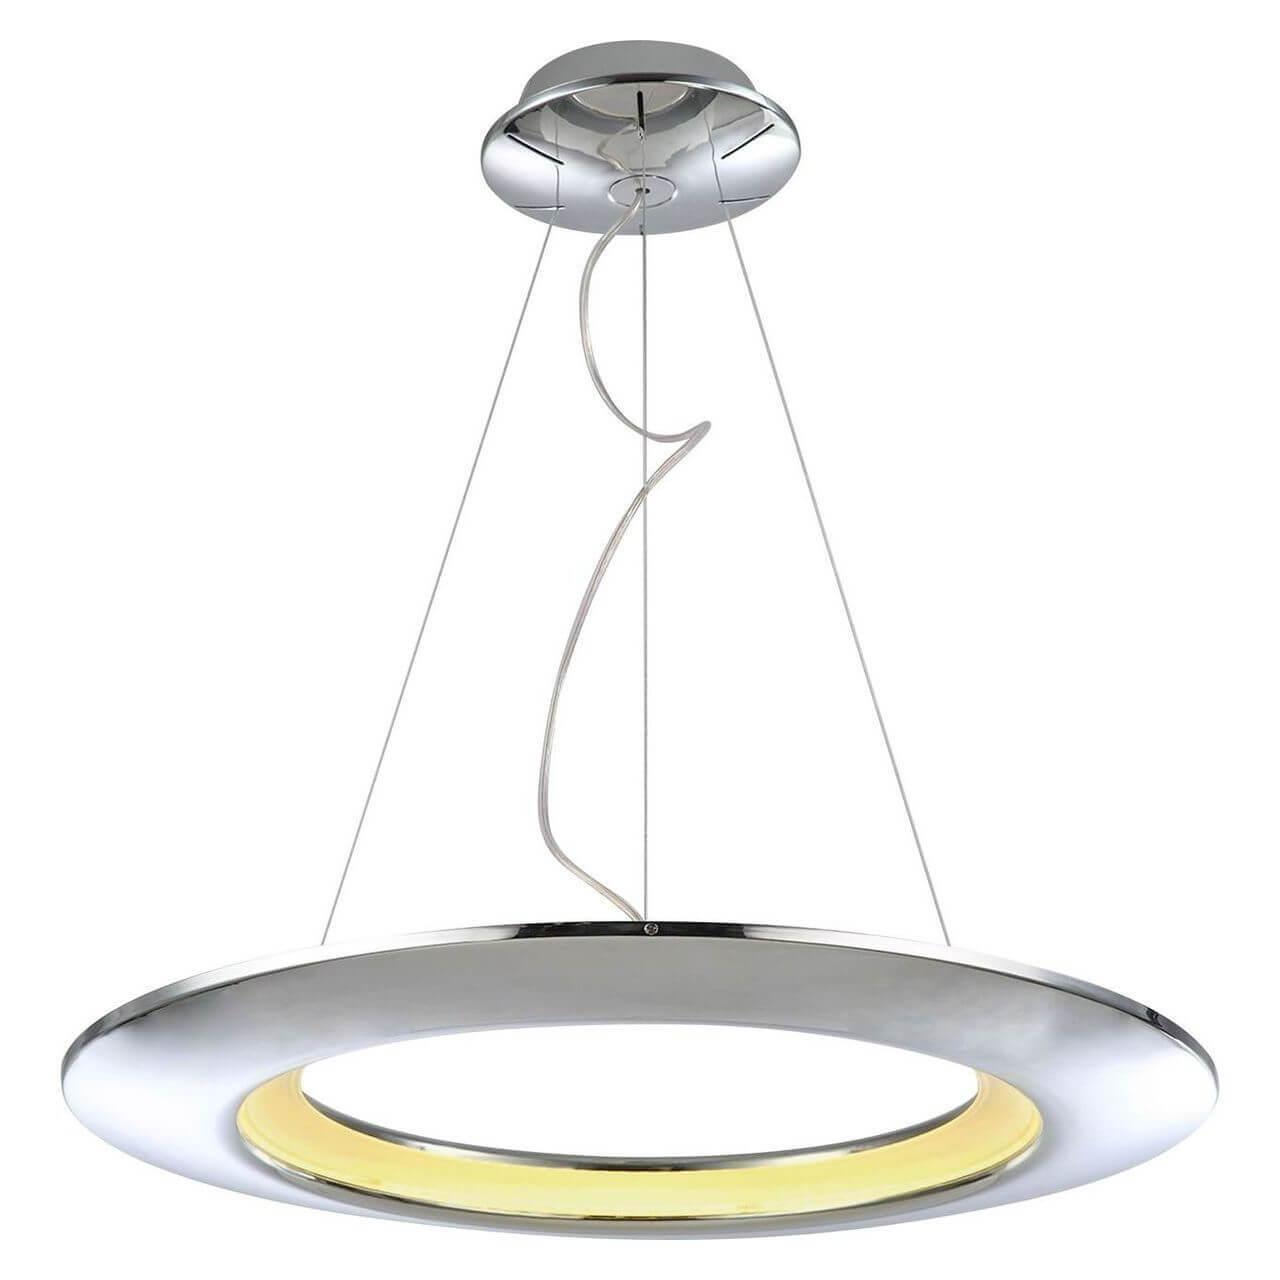 купить Подвесной светодиодный светильник Horoz Concept-41 хром 019-010-0041 по цене 21641 рублей